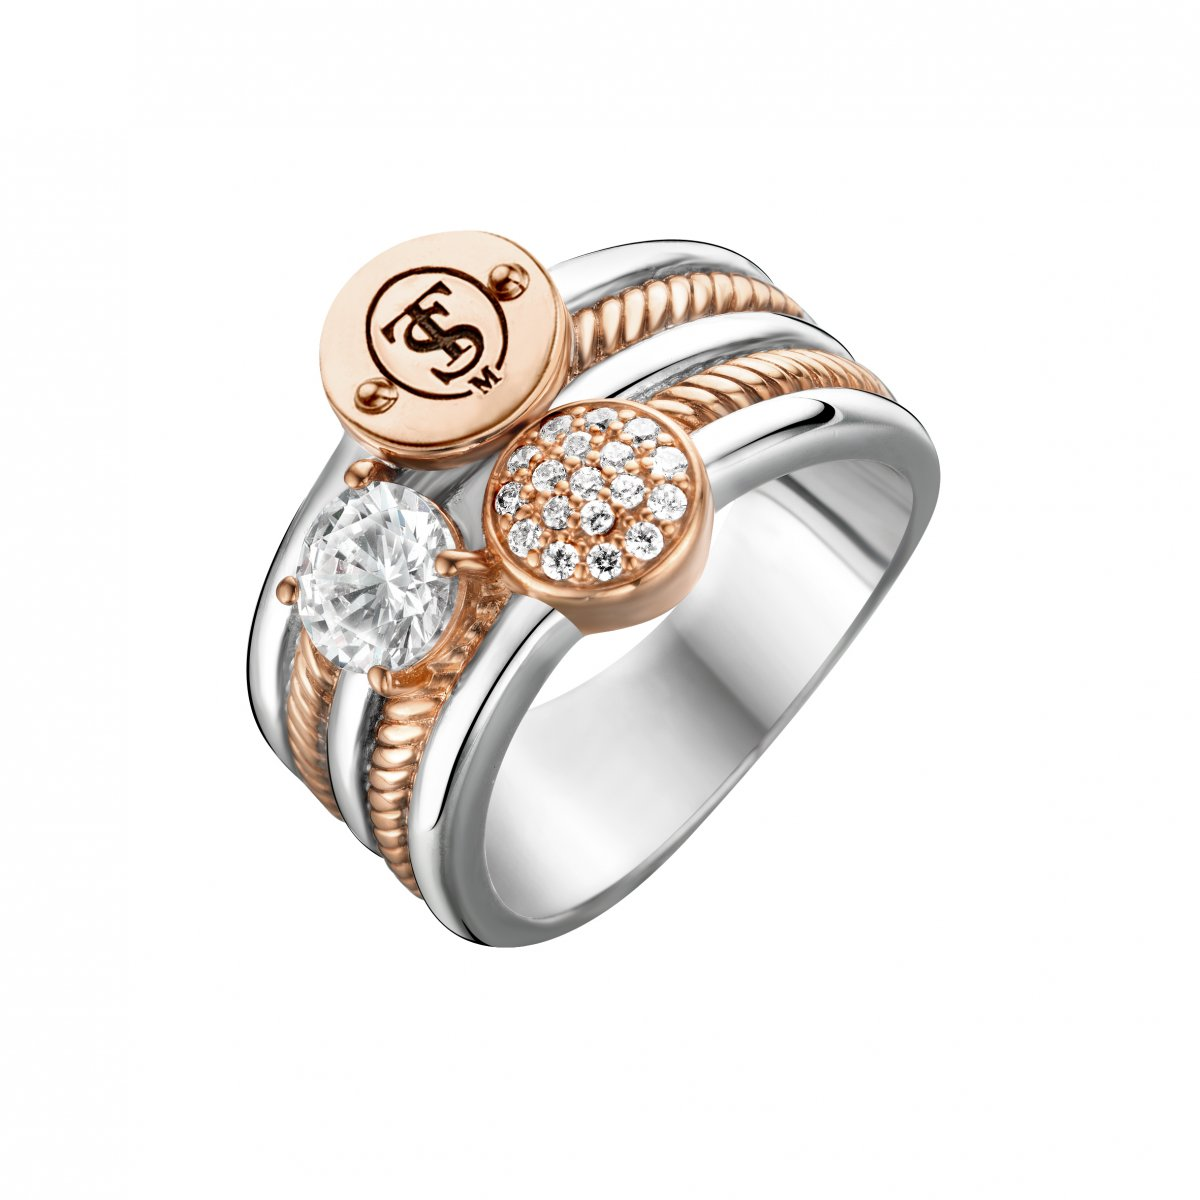 Viac radový strieborno-ružový prsteň TI SENTO